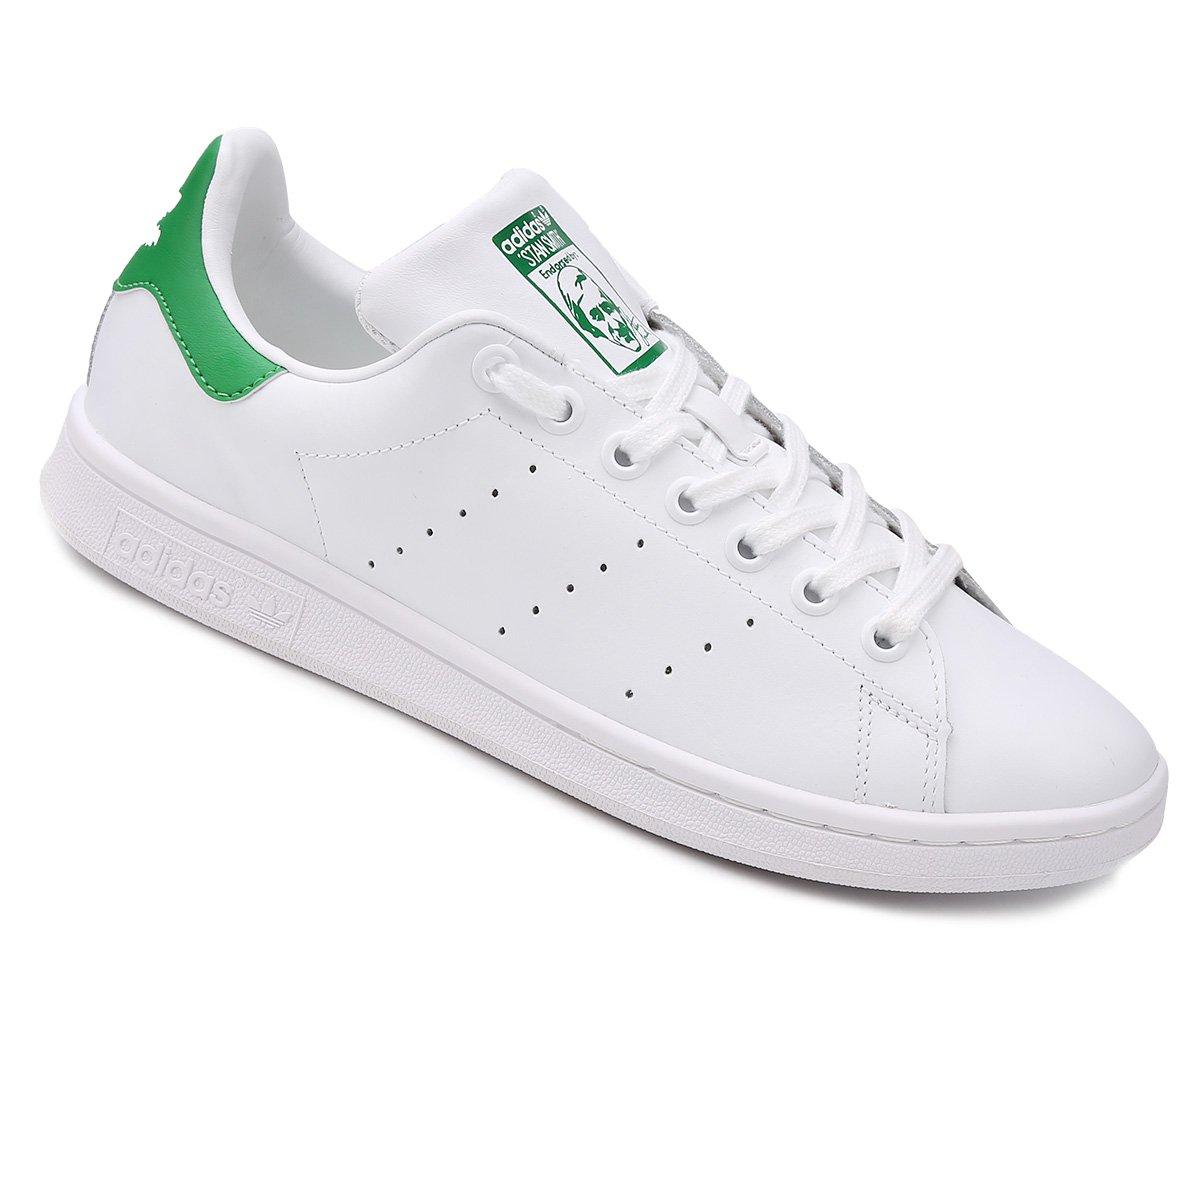 1b0d751d2318 Tênis Adidas Stan Smith - Branco e Verde - Compre Agora